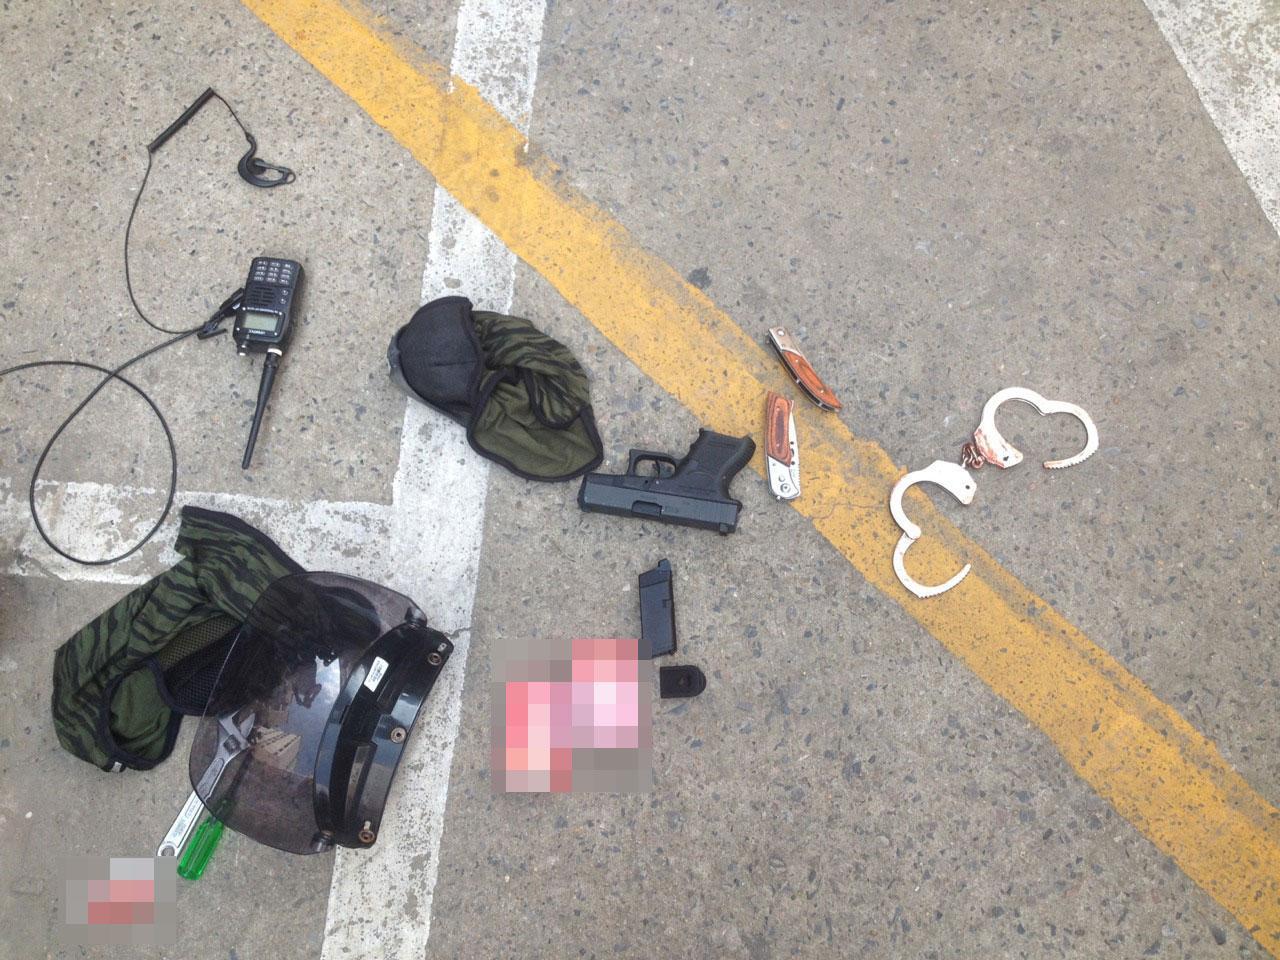 ปืนปลอม-เอกสารของกลุ่มคนคล้ายคนจีนที่ทำตกไว้ในที่เกิดเหตุ